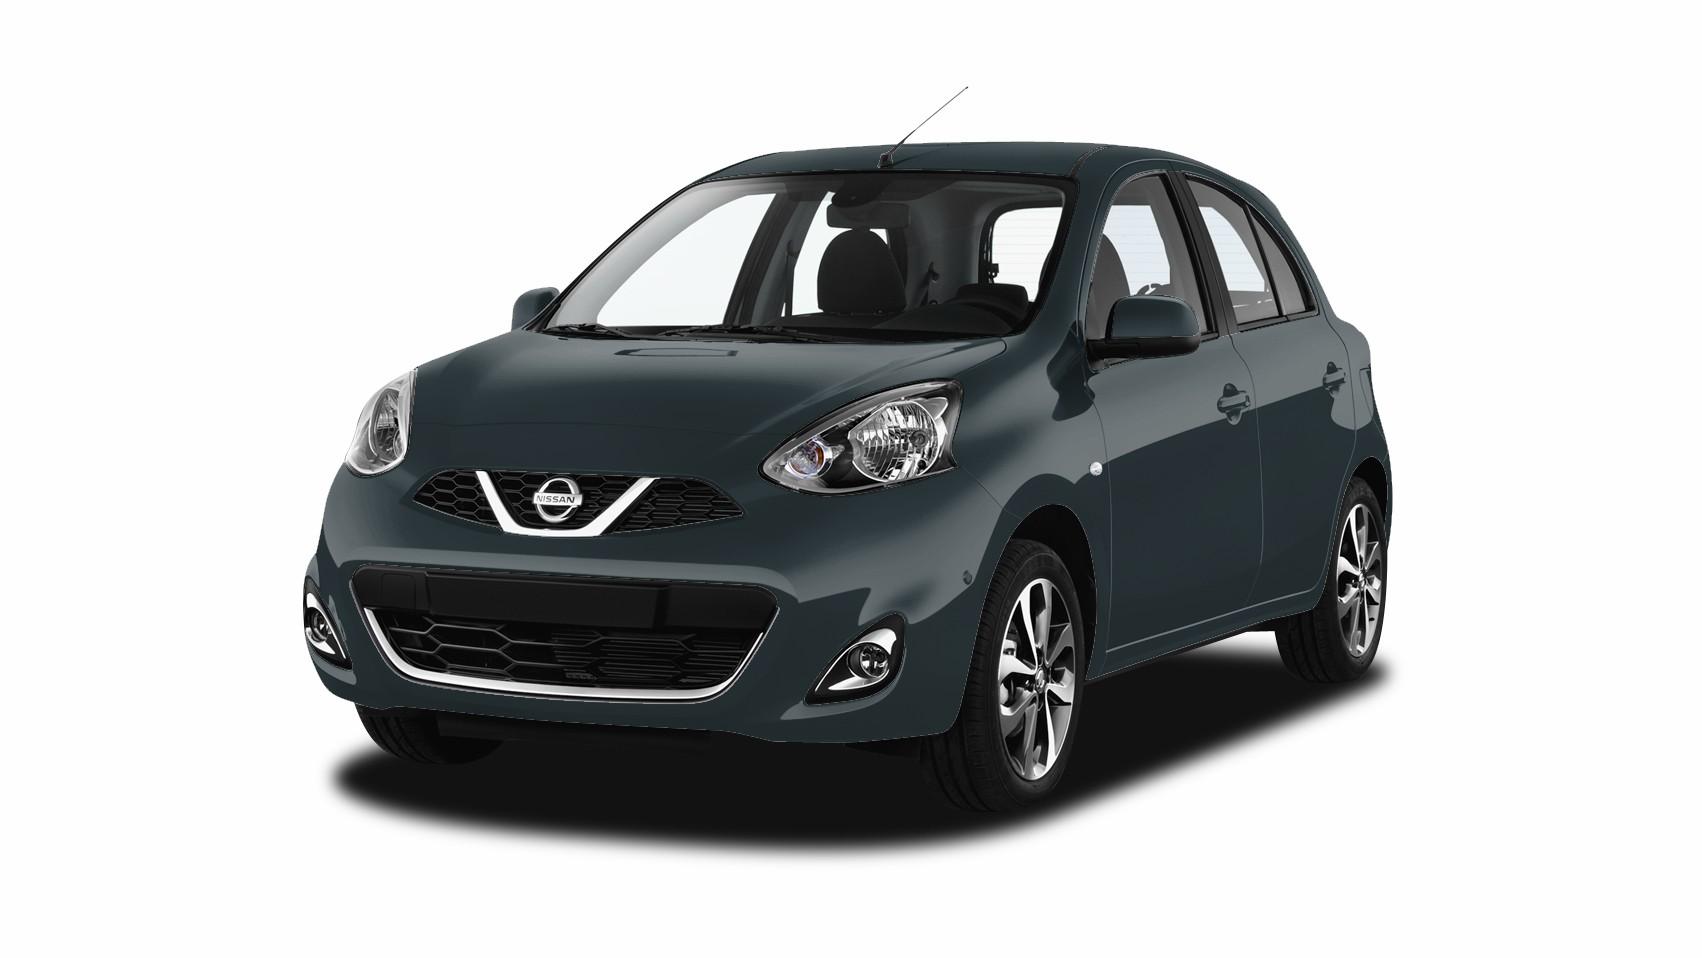 Acheter Nissan Micra Acenta Surequipe Acenta Surequipe chez un mandataire auto